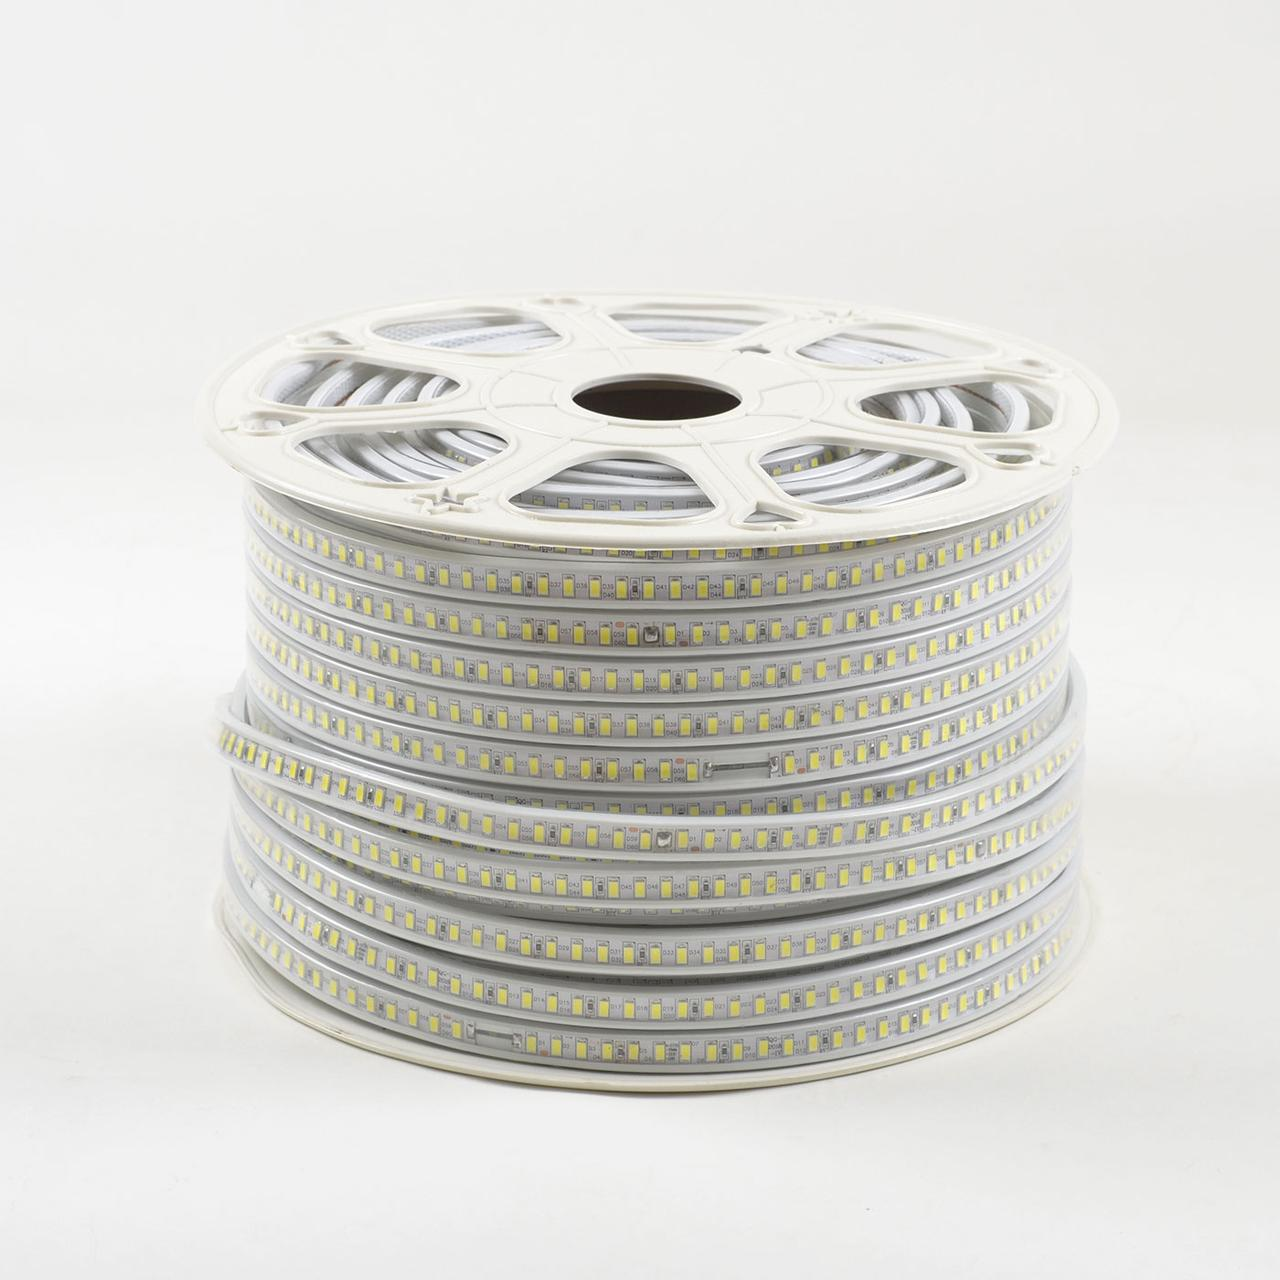 Светодиодная лента Venom SMD 5730 120д.м. (IP67) 220V (VP-5730220120-W)